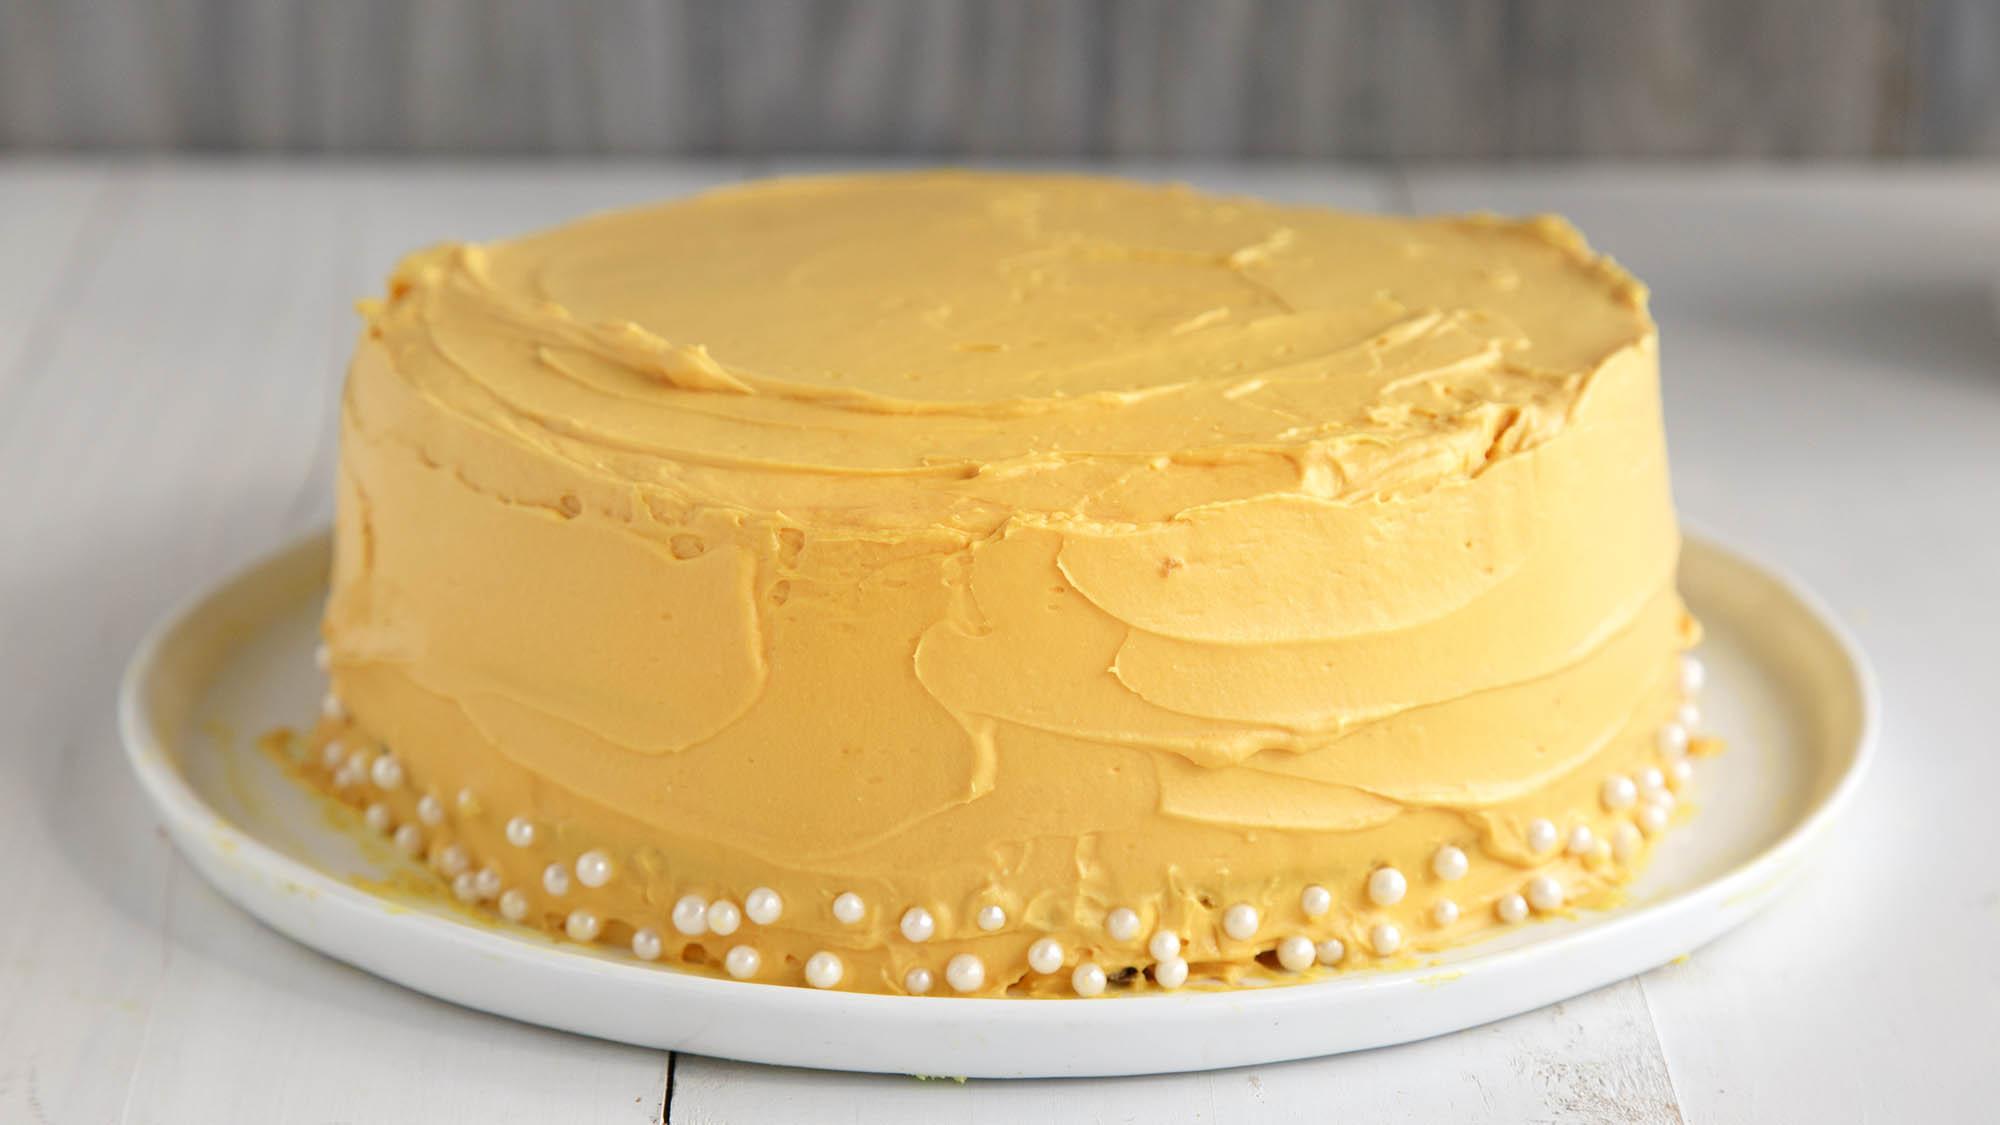 McCormick Orange Citrus Cake